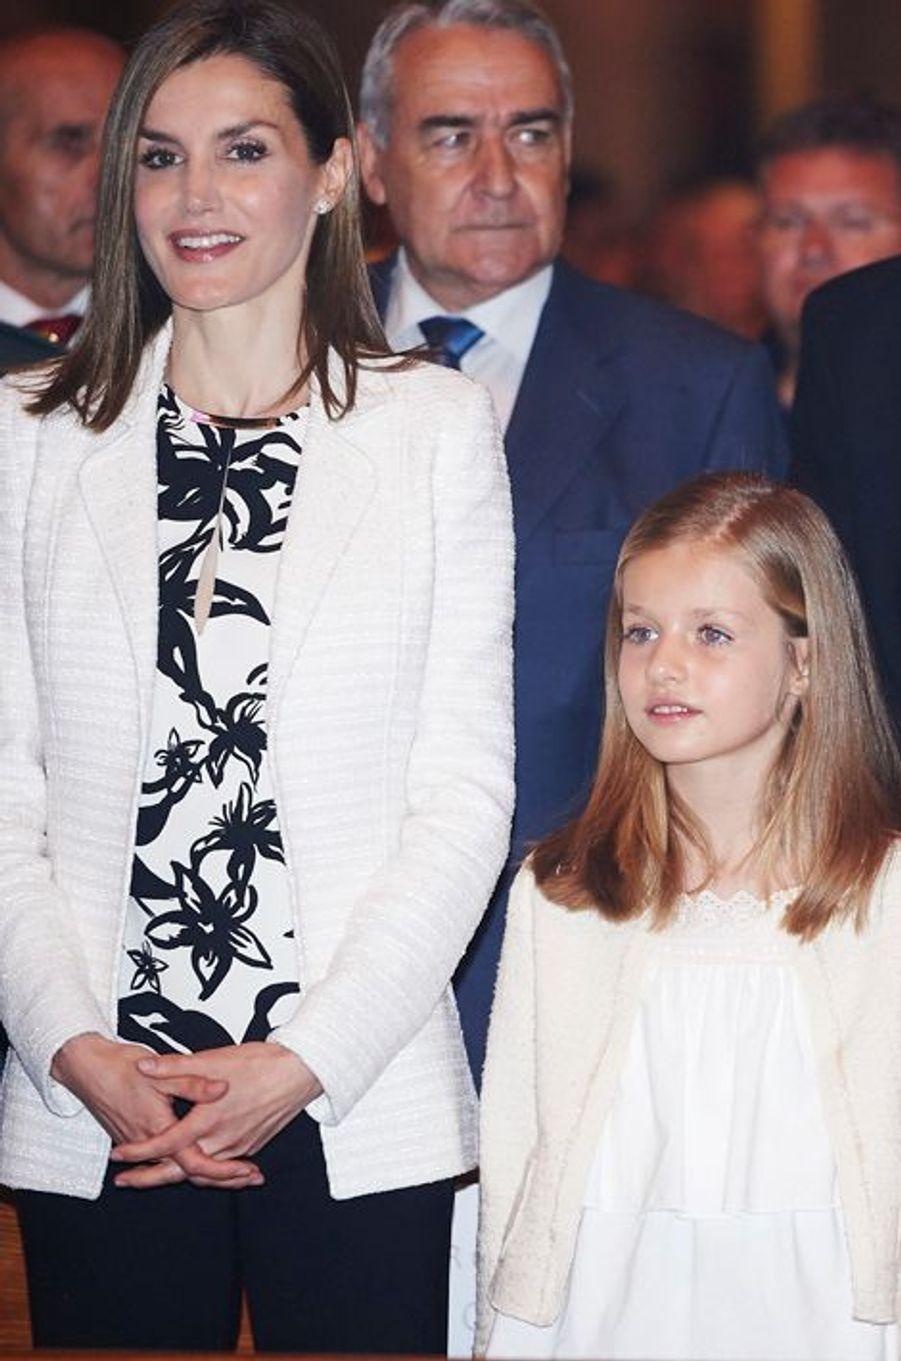 La reine Letizia et la princesse Leonor d'Espagne à Palma de Majorque, le 5 avril 2015